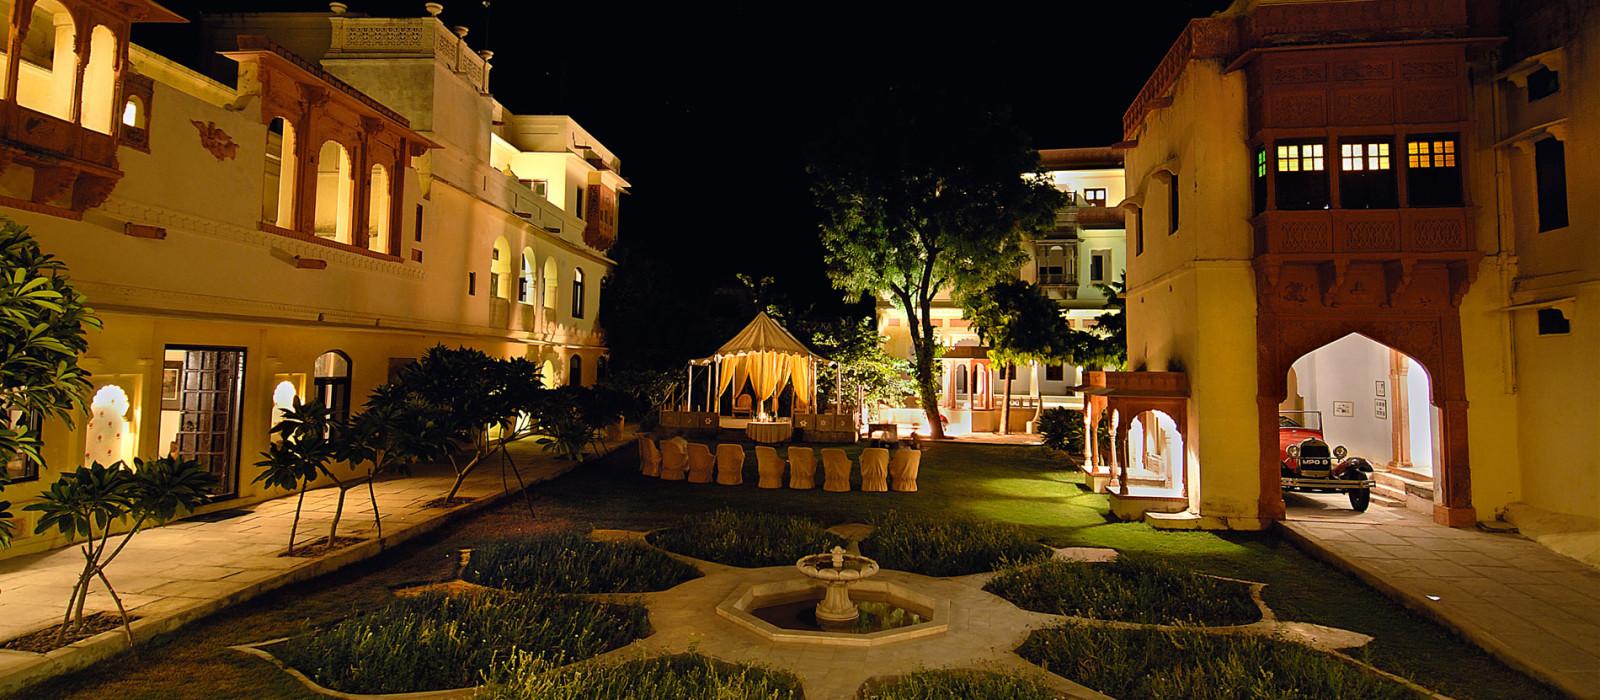 Hotel Rawla Jojawar North India